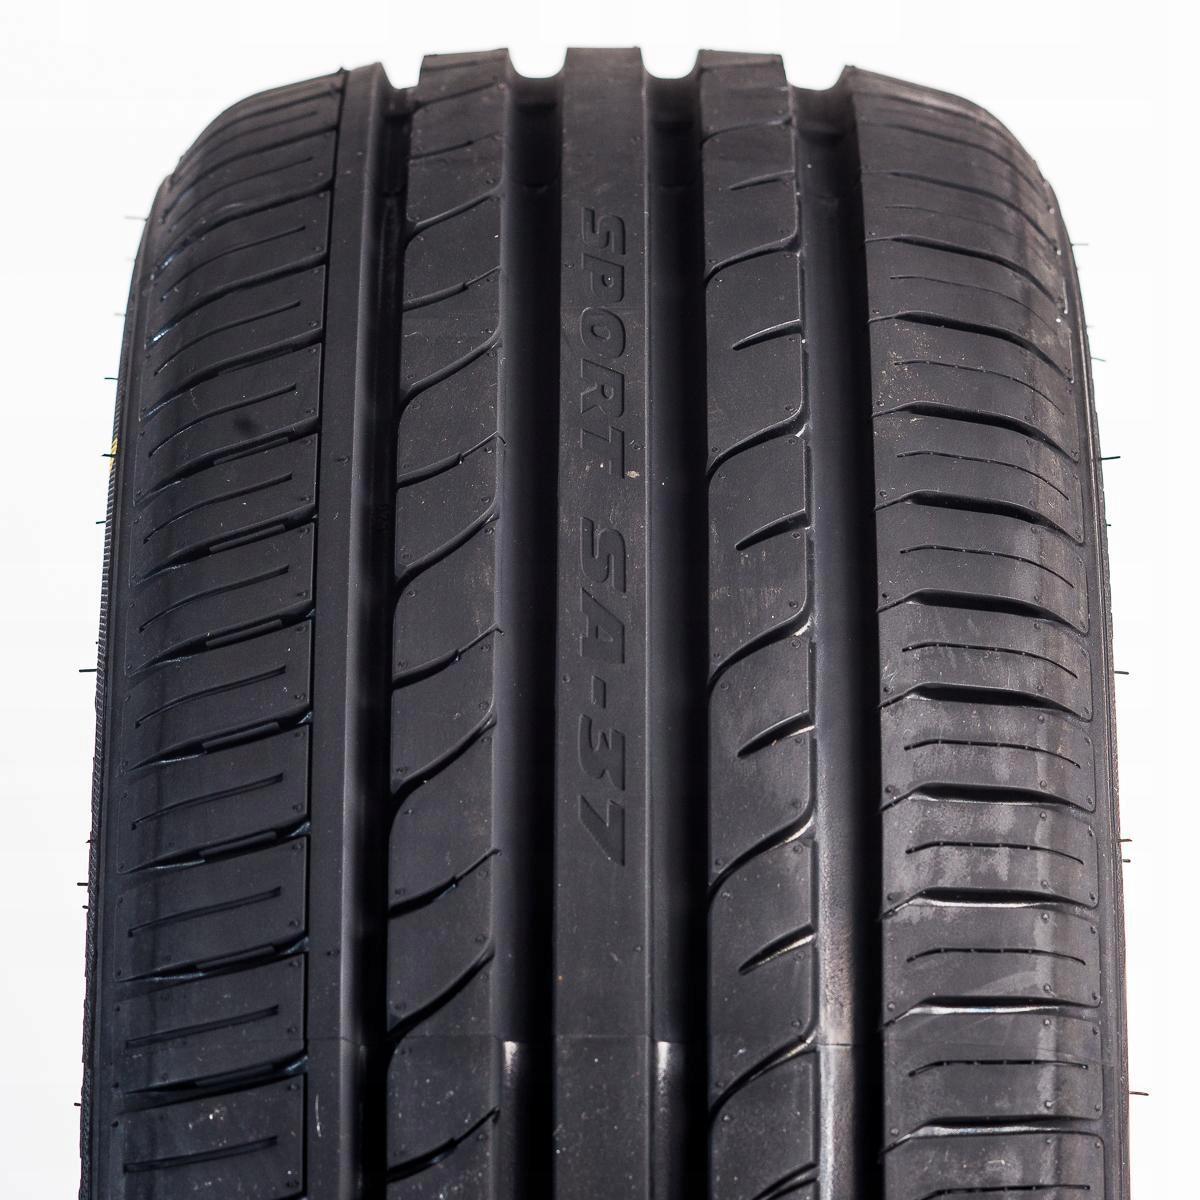 Superia Tyres SA37 245/45R18